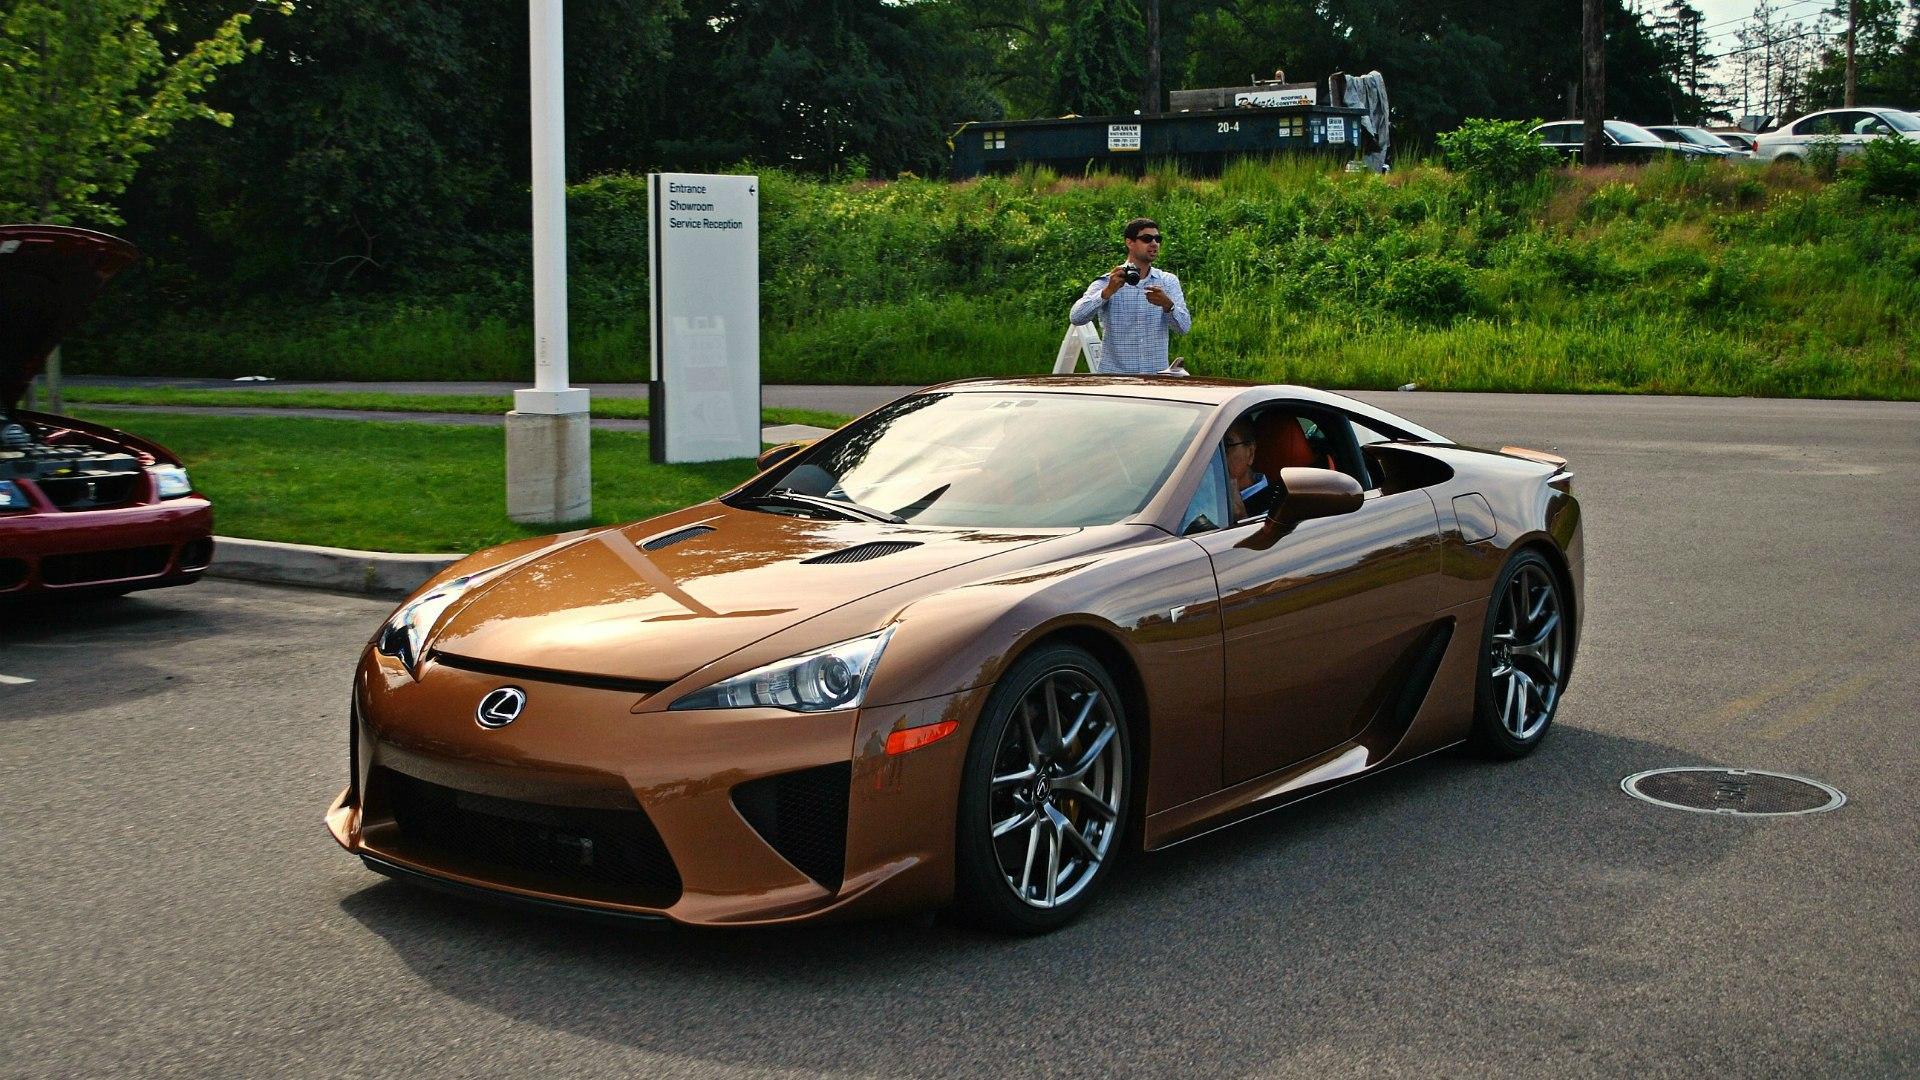 картинки коричневые машины можно